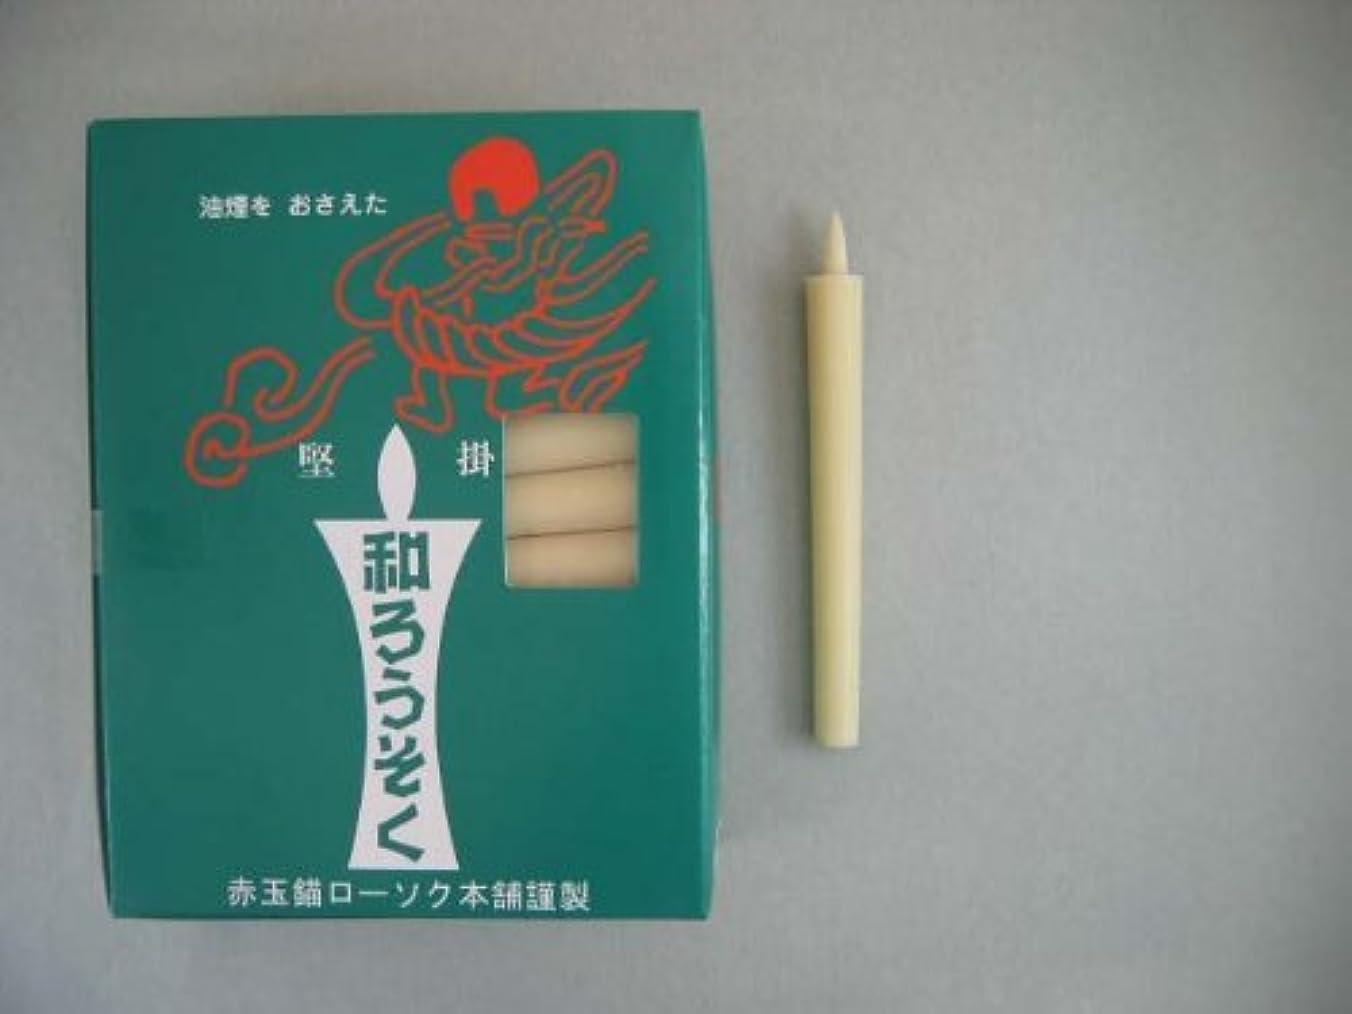 ビジネス作家王族和ろうそく 型和蝋燭 ローソク 棒 1.5号 白 65本入り 45分燃焼